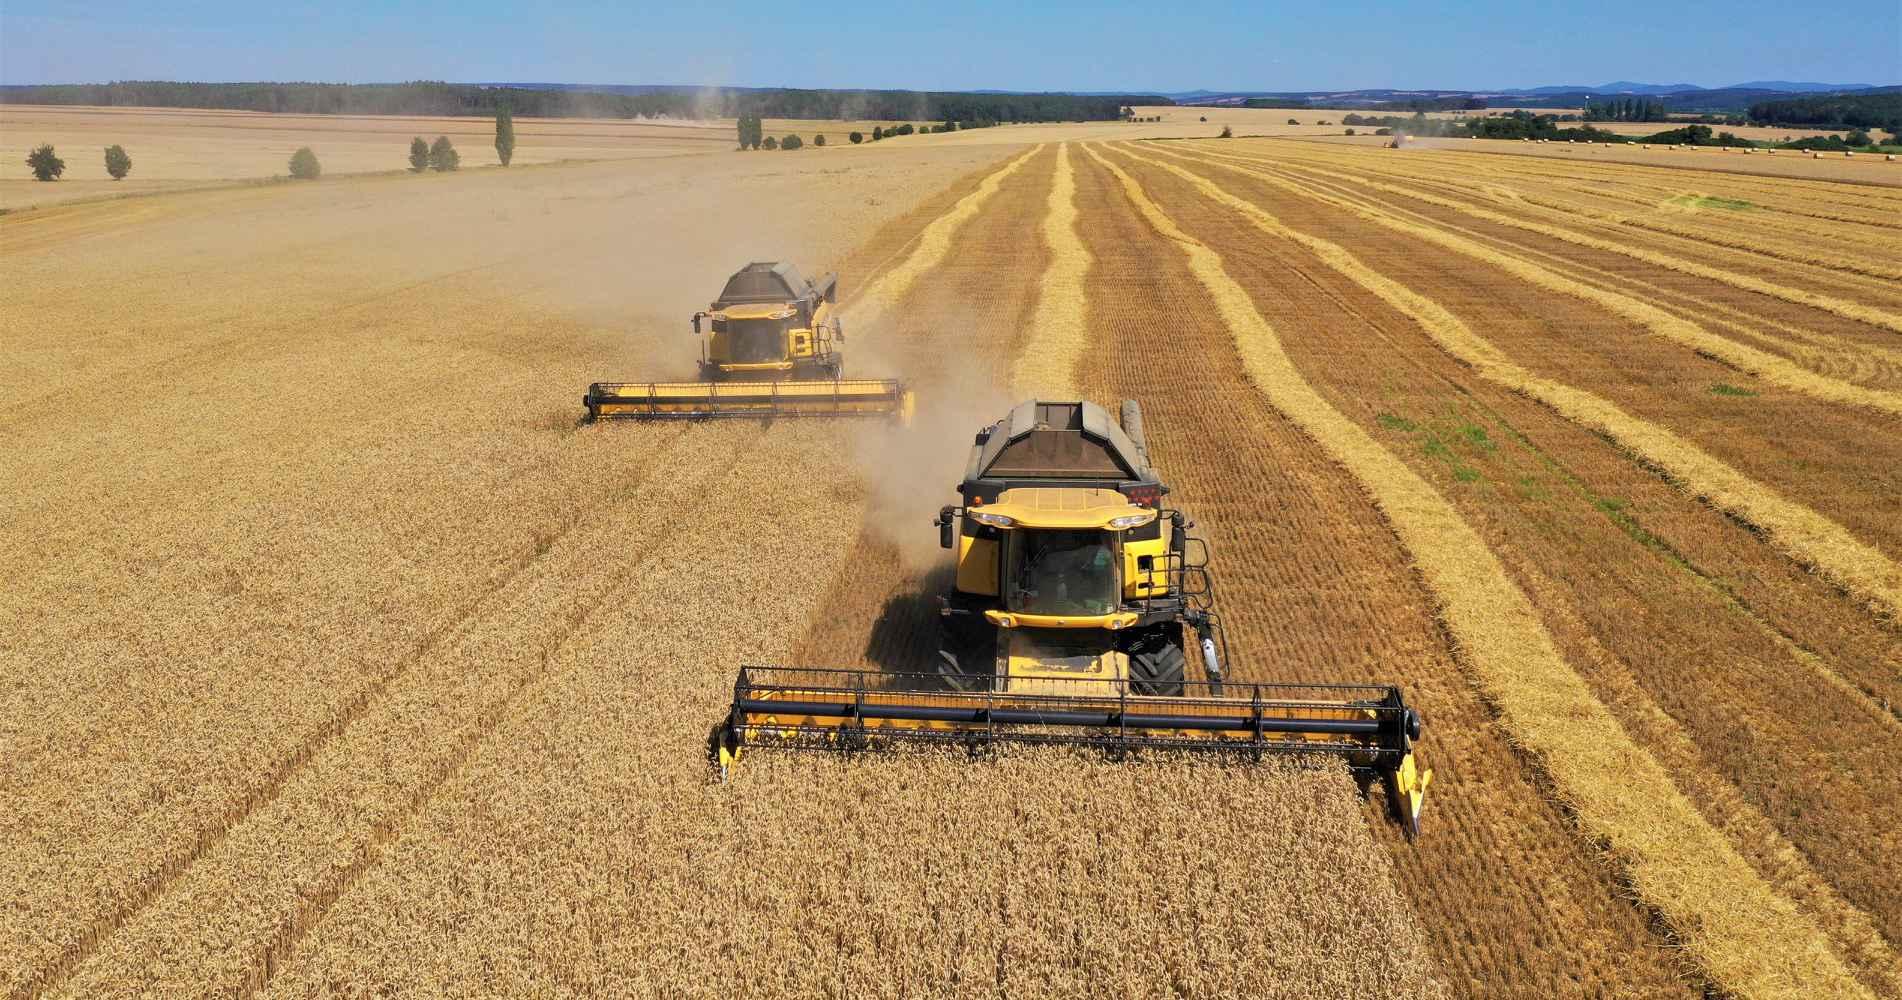 Pěstování obilí - pšenice, ječmen, řepka, kukuřice. jarní obiloviny, hořčice, hrách, aj.